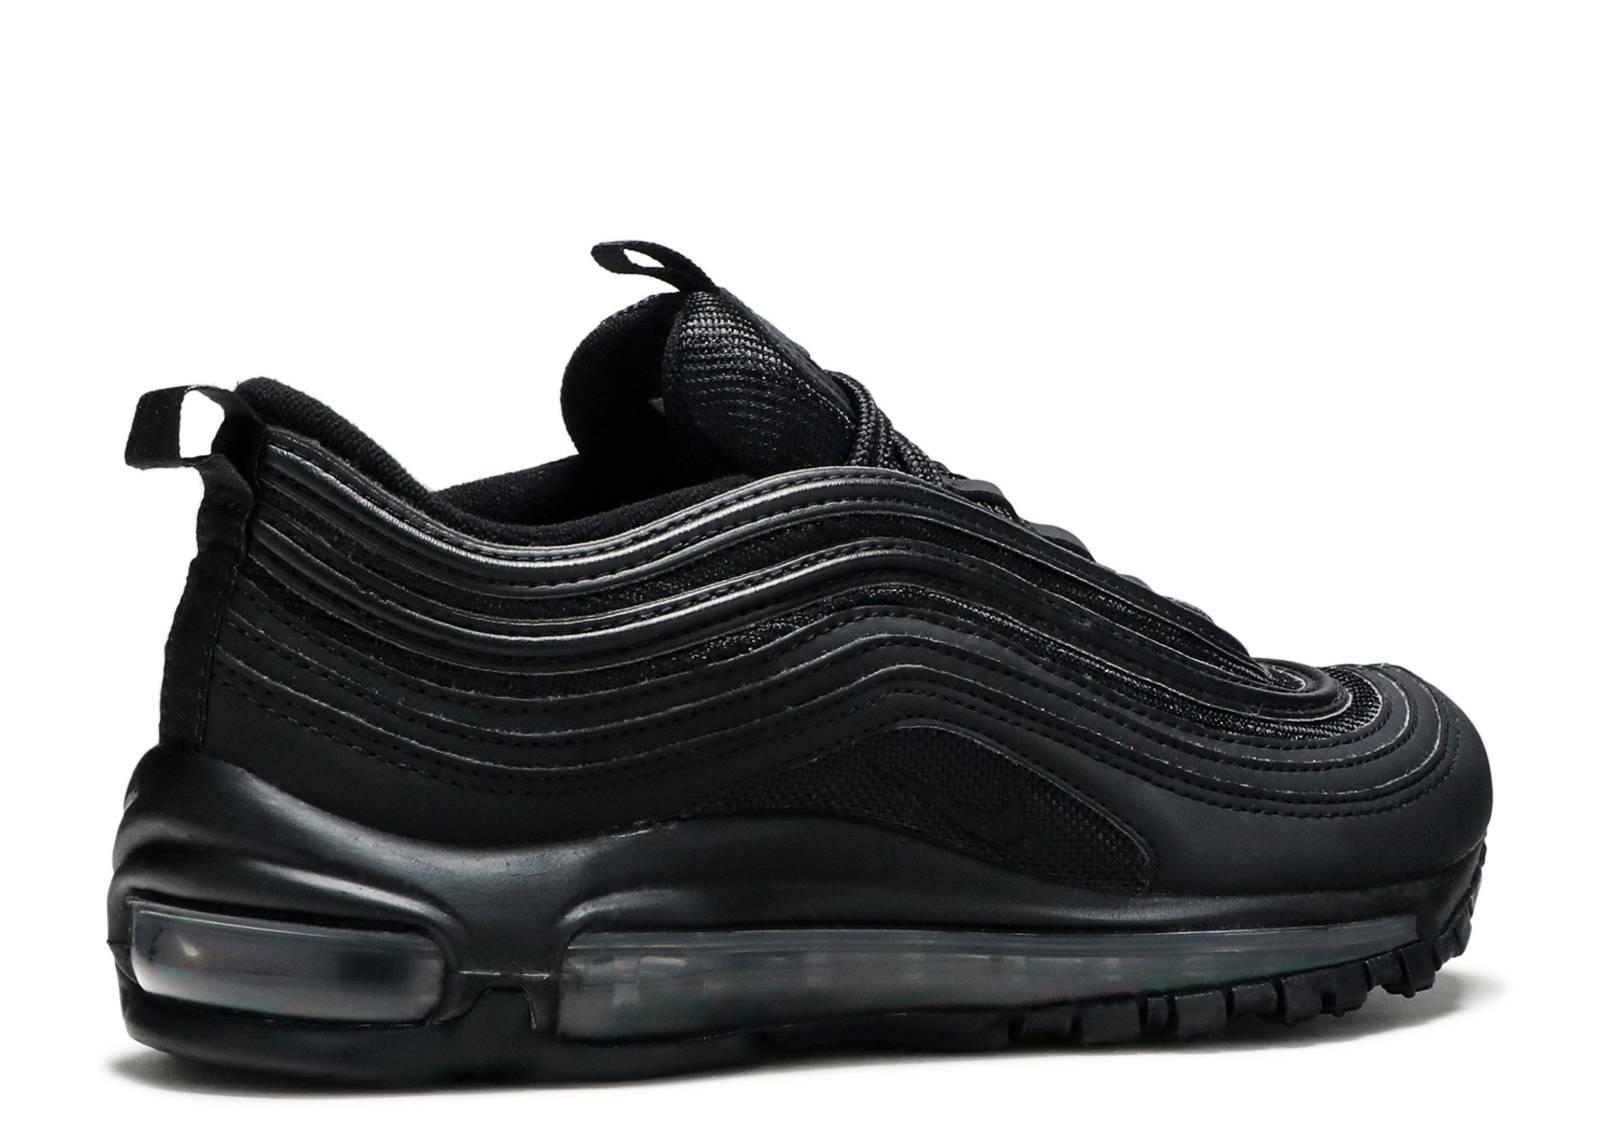 Air Max 97 OG BG 'Triple Black' - Nike - AV4149 001 - black/black ...